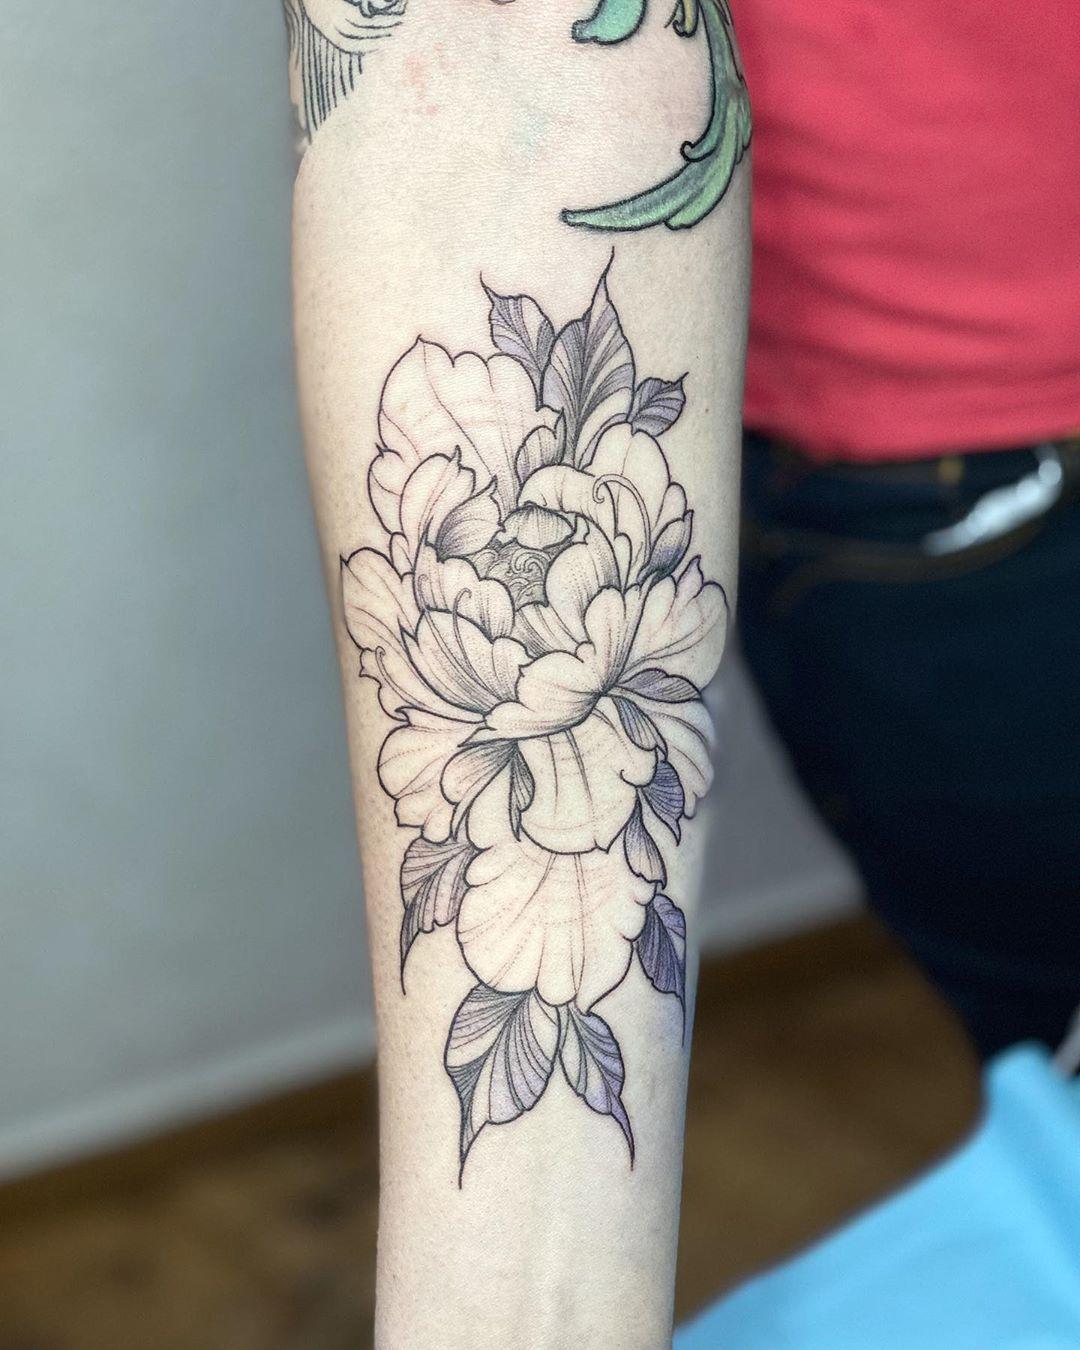 @tattspider #tattoo #peoniatattoo #tatuaje #tatuajefino #tatuajesdelicados #malasaña  lo b#plazadosdemayo #lineafina #tatuajedelineafina #madrid #ojala #tatau  #tattooart #tatouage #iltatuaggio #tatuajetribunal  #tattoomagazine #b  # . tattoomadrid #tatu ajemadrid #tattooartist #tatuaje pequeño #tattoolovers #tattoolife #tatuajeminimlista #tattooed #tattooja #tattoosocial